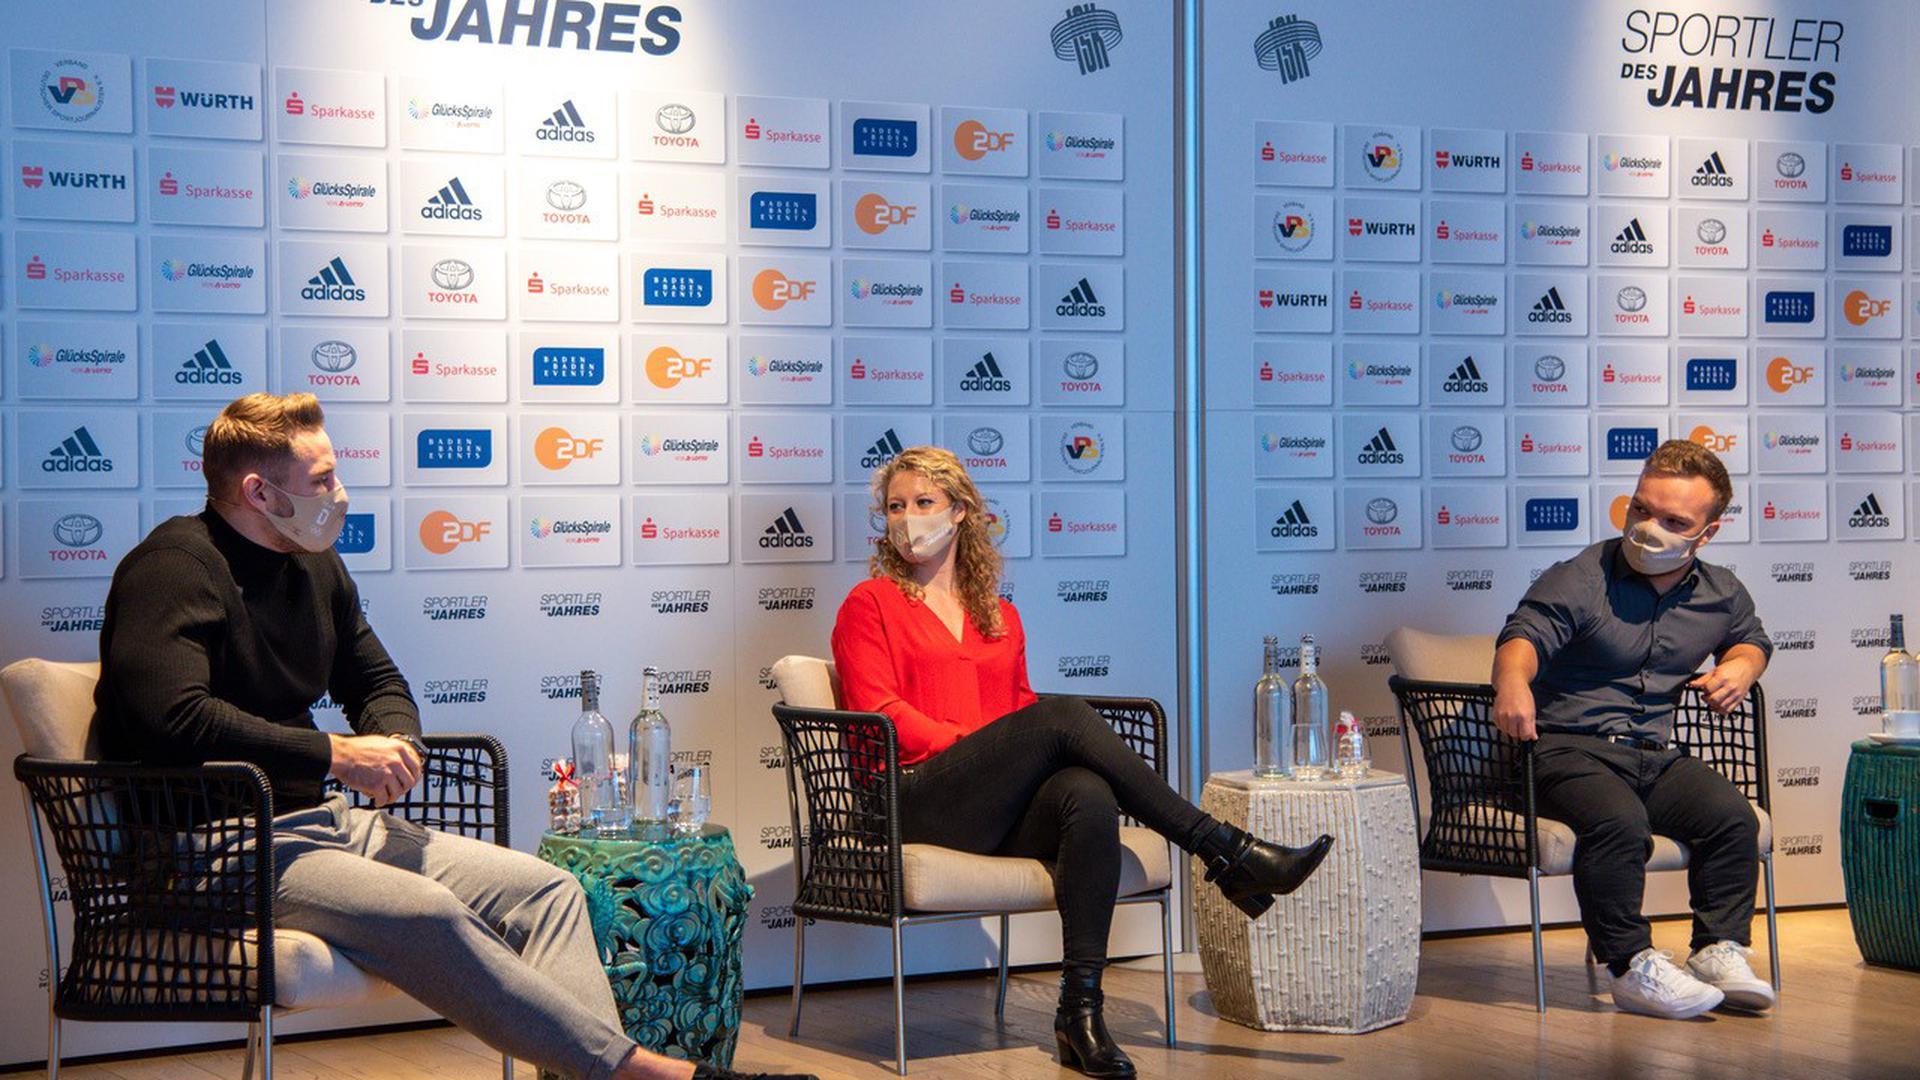 Vorab-Pressekonferenz Sportler des Jahres 2020: Johannes Vetter (von links), Laura Siegemund und Niko Kappel.